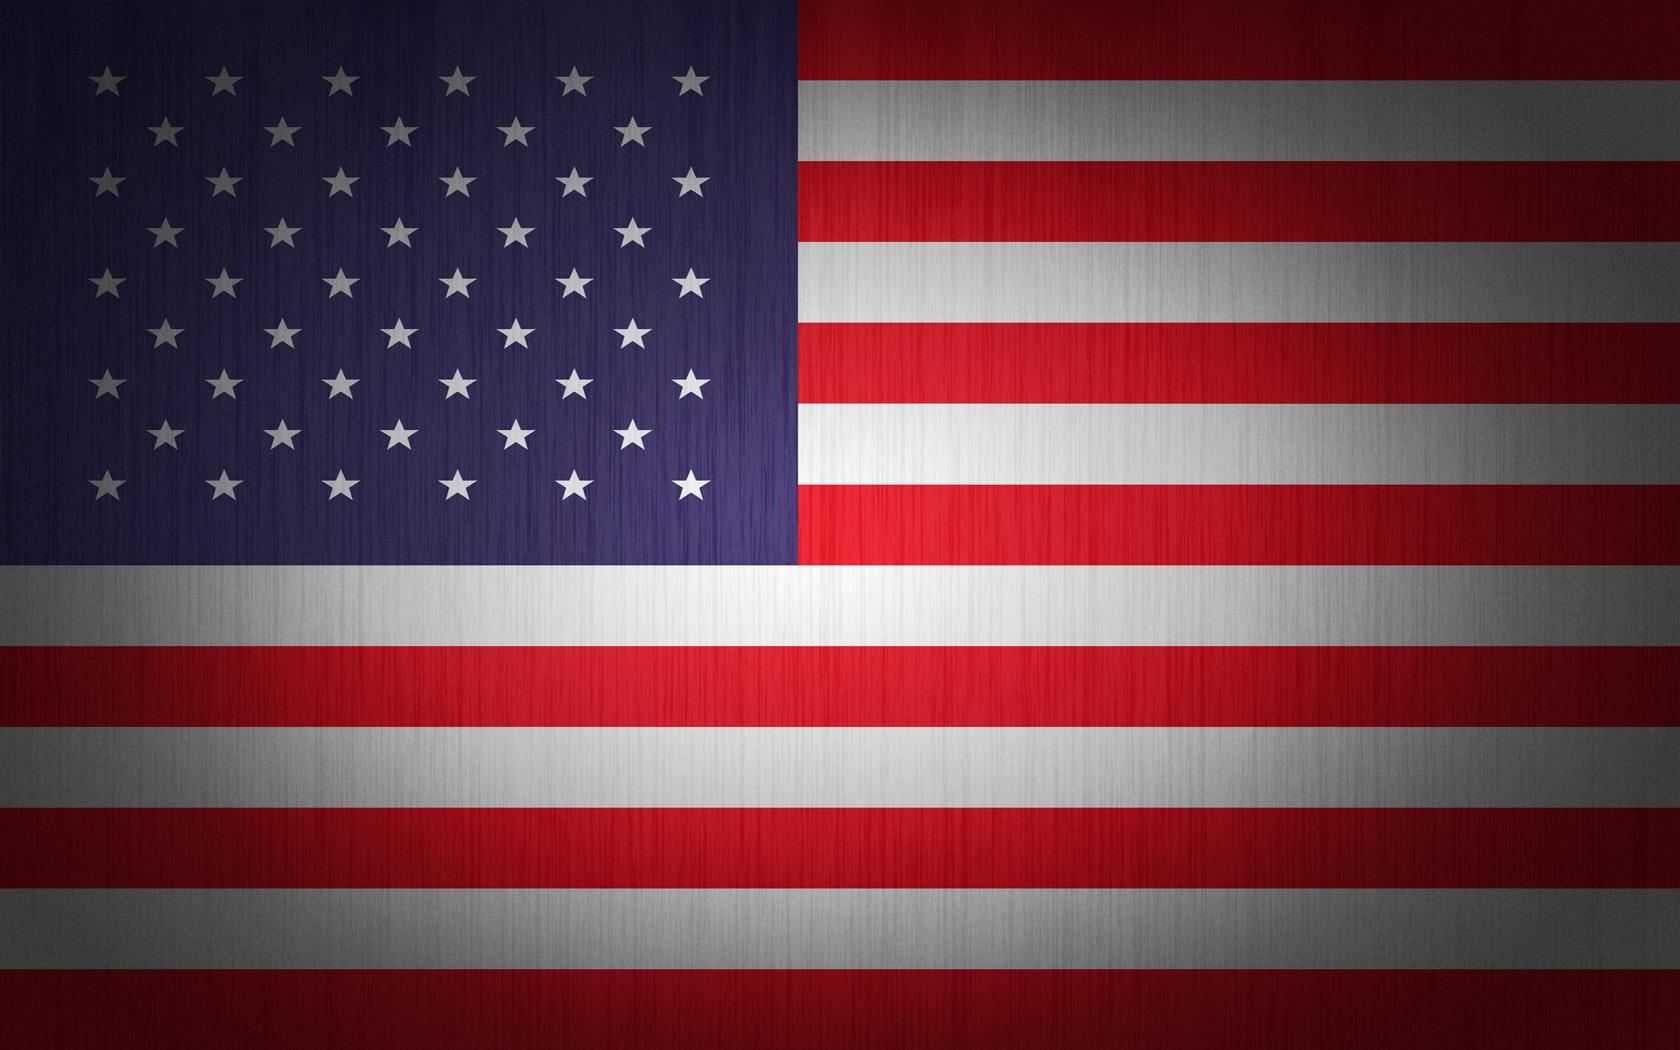 USA Flag Wallpaper